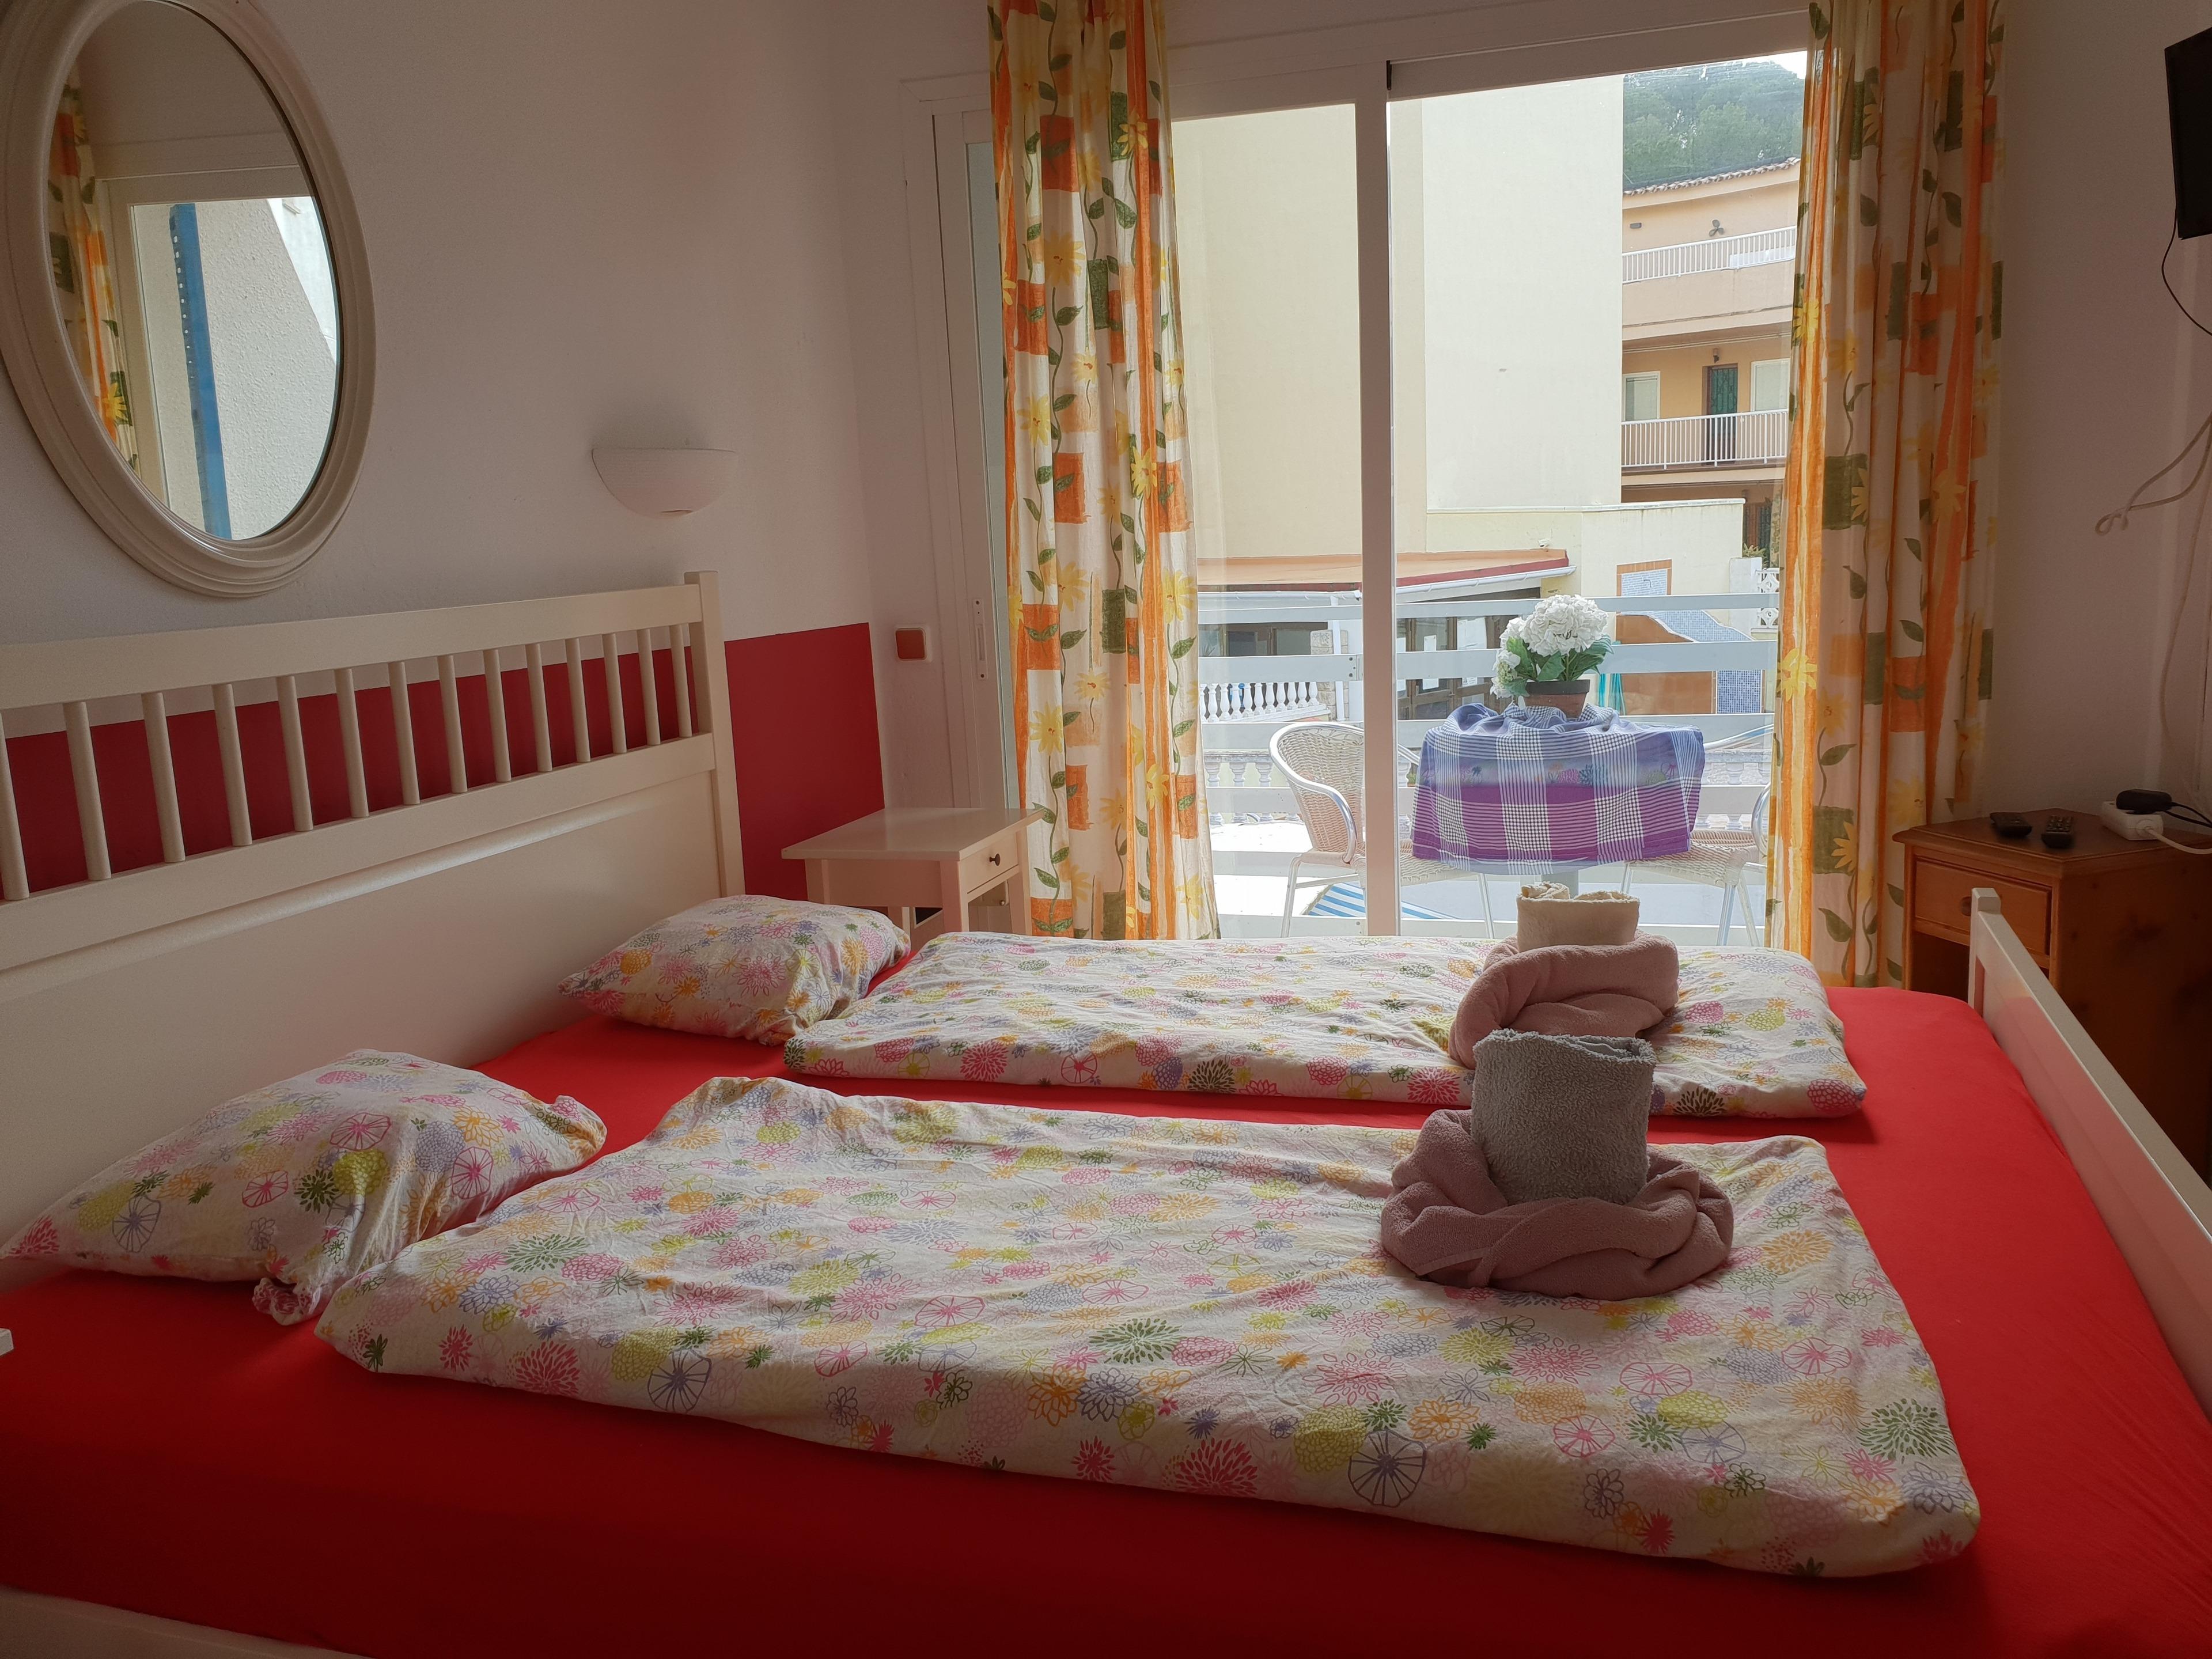 Apartment Studio für 2 Personen mit Balkon Strand in 250m WLAN